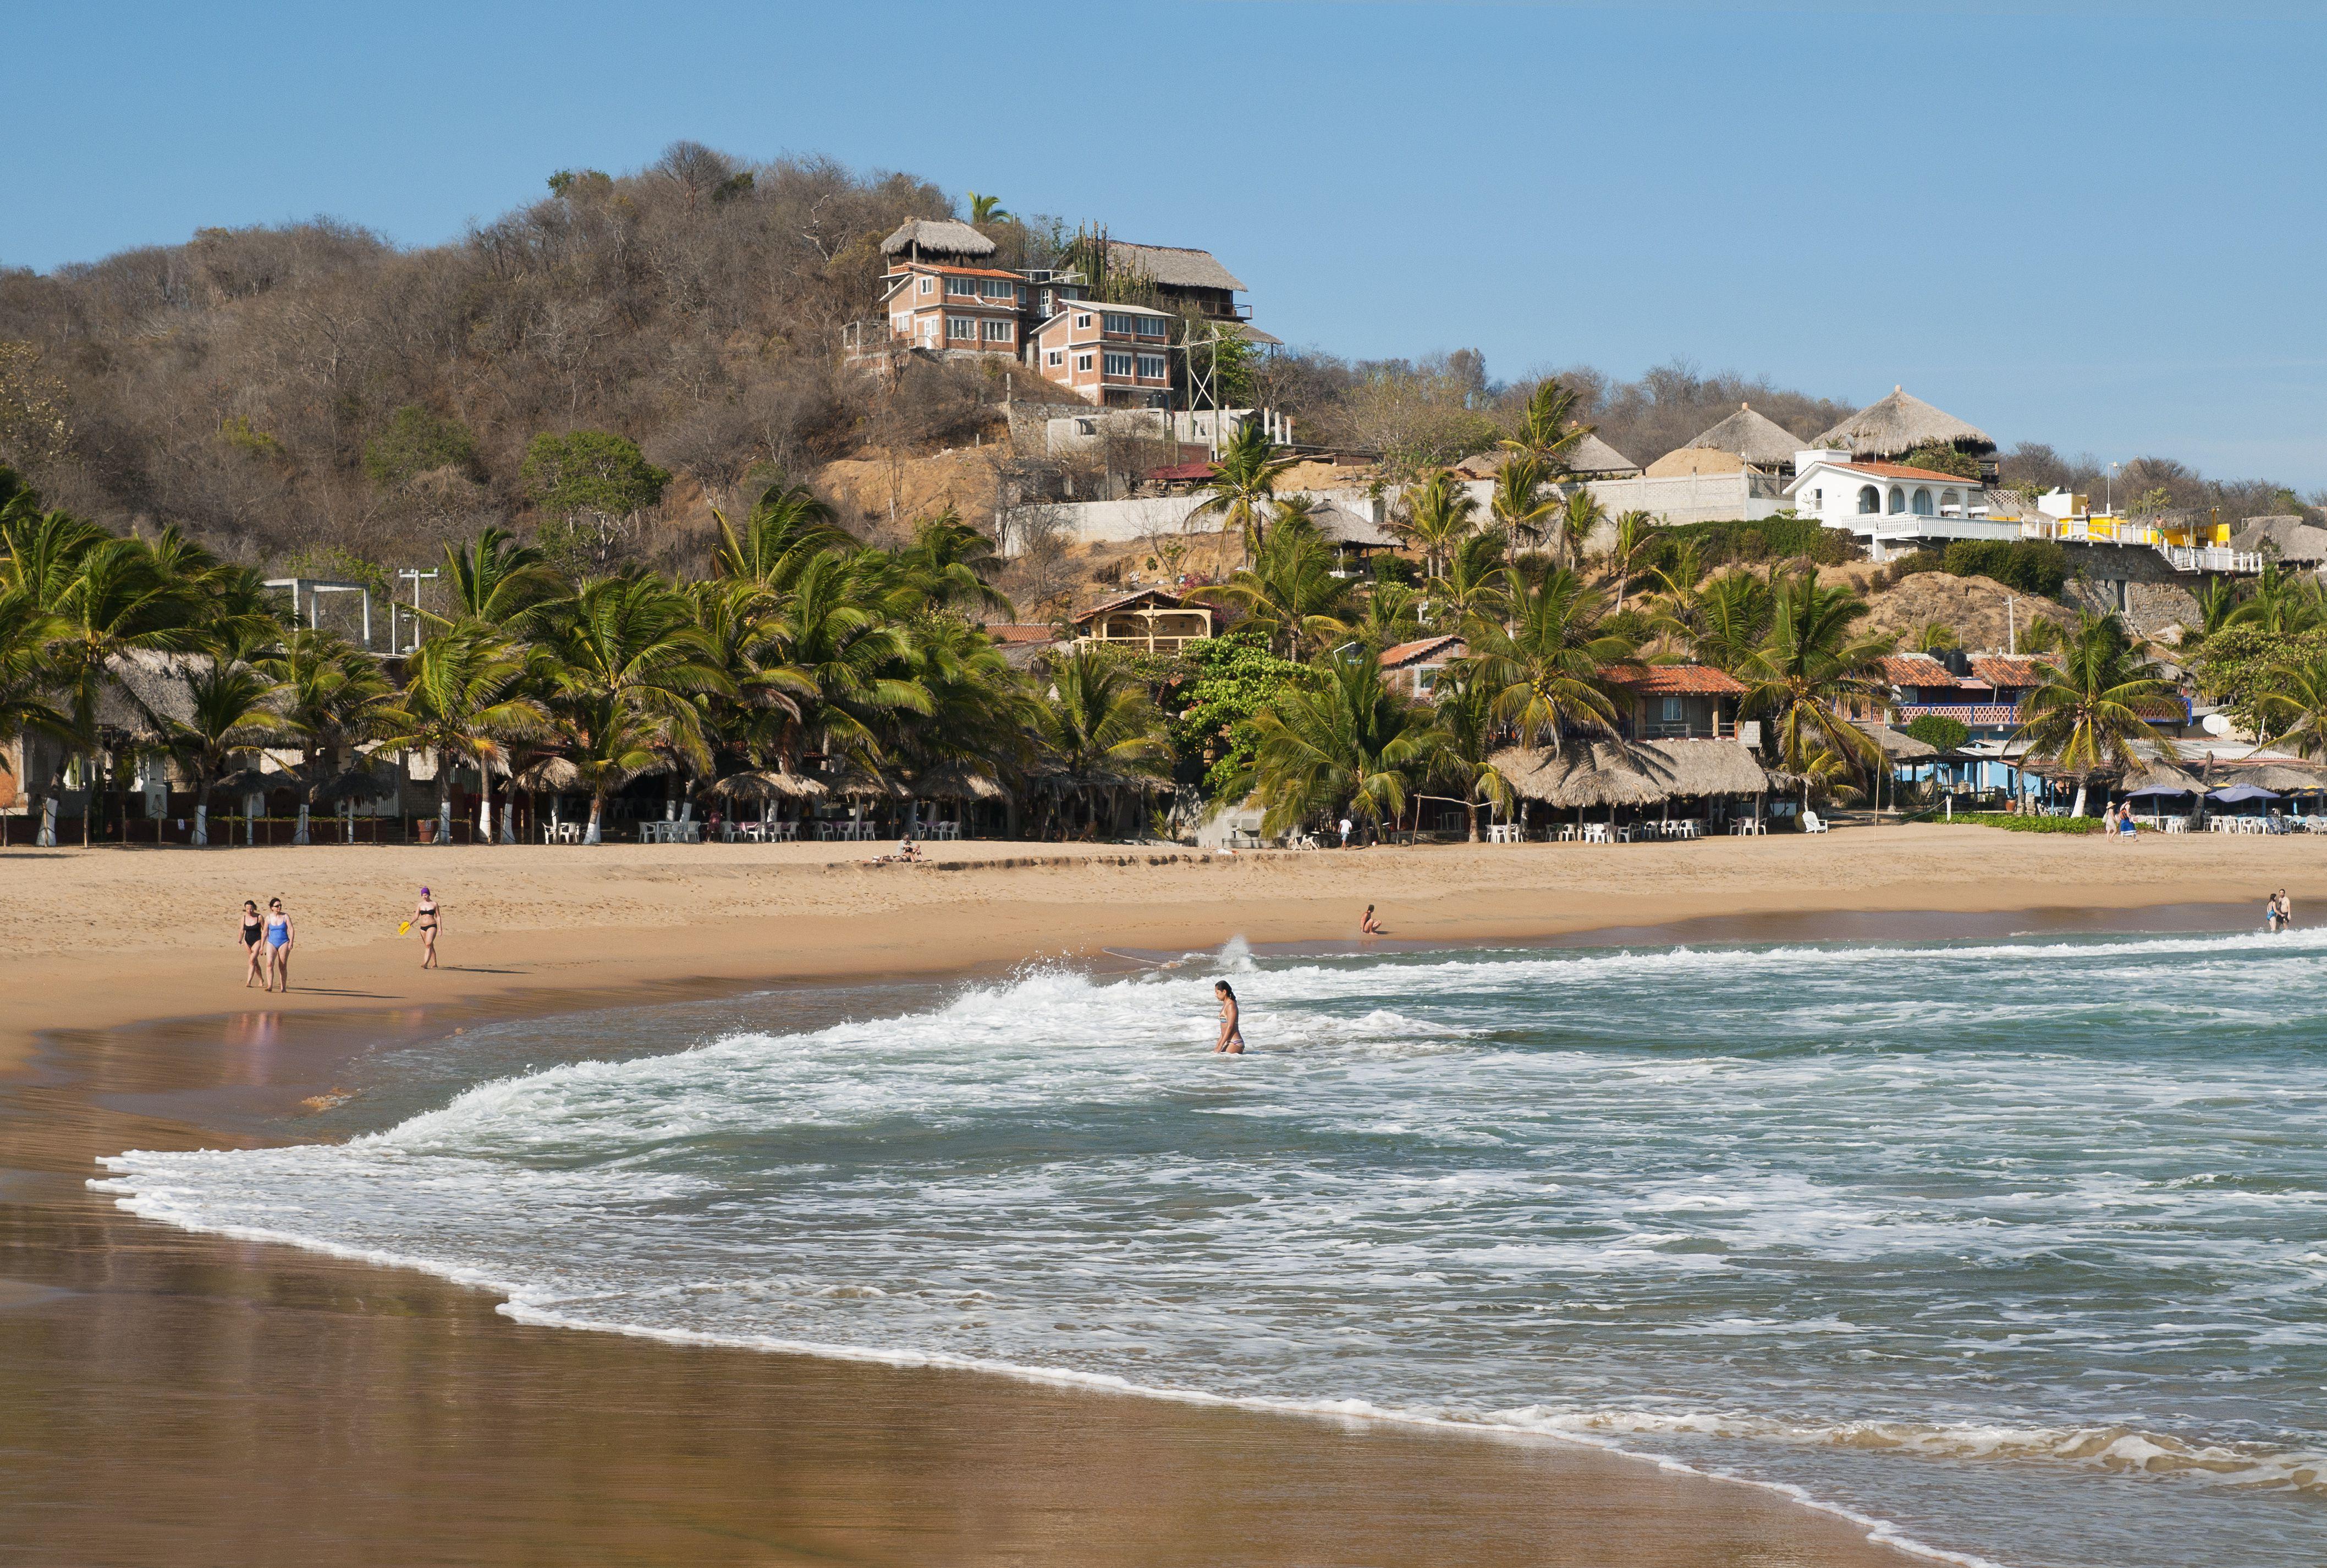 La playa de San Agustinillo